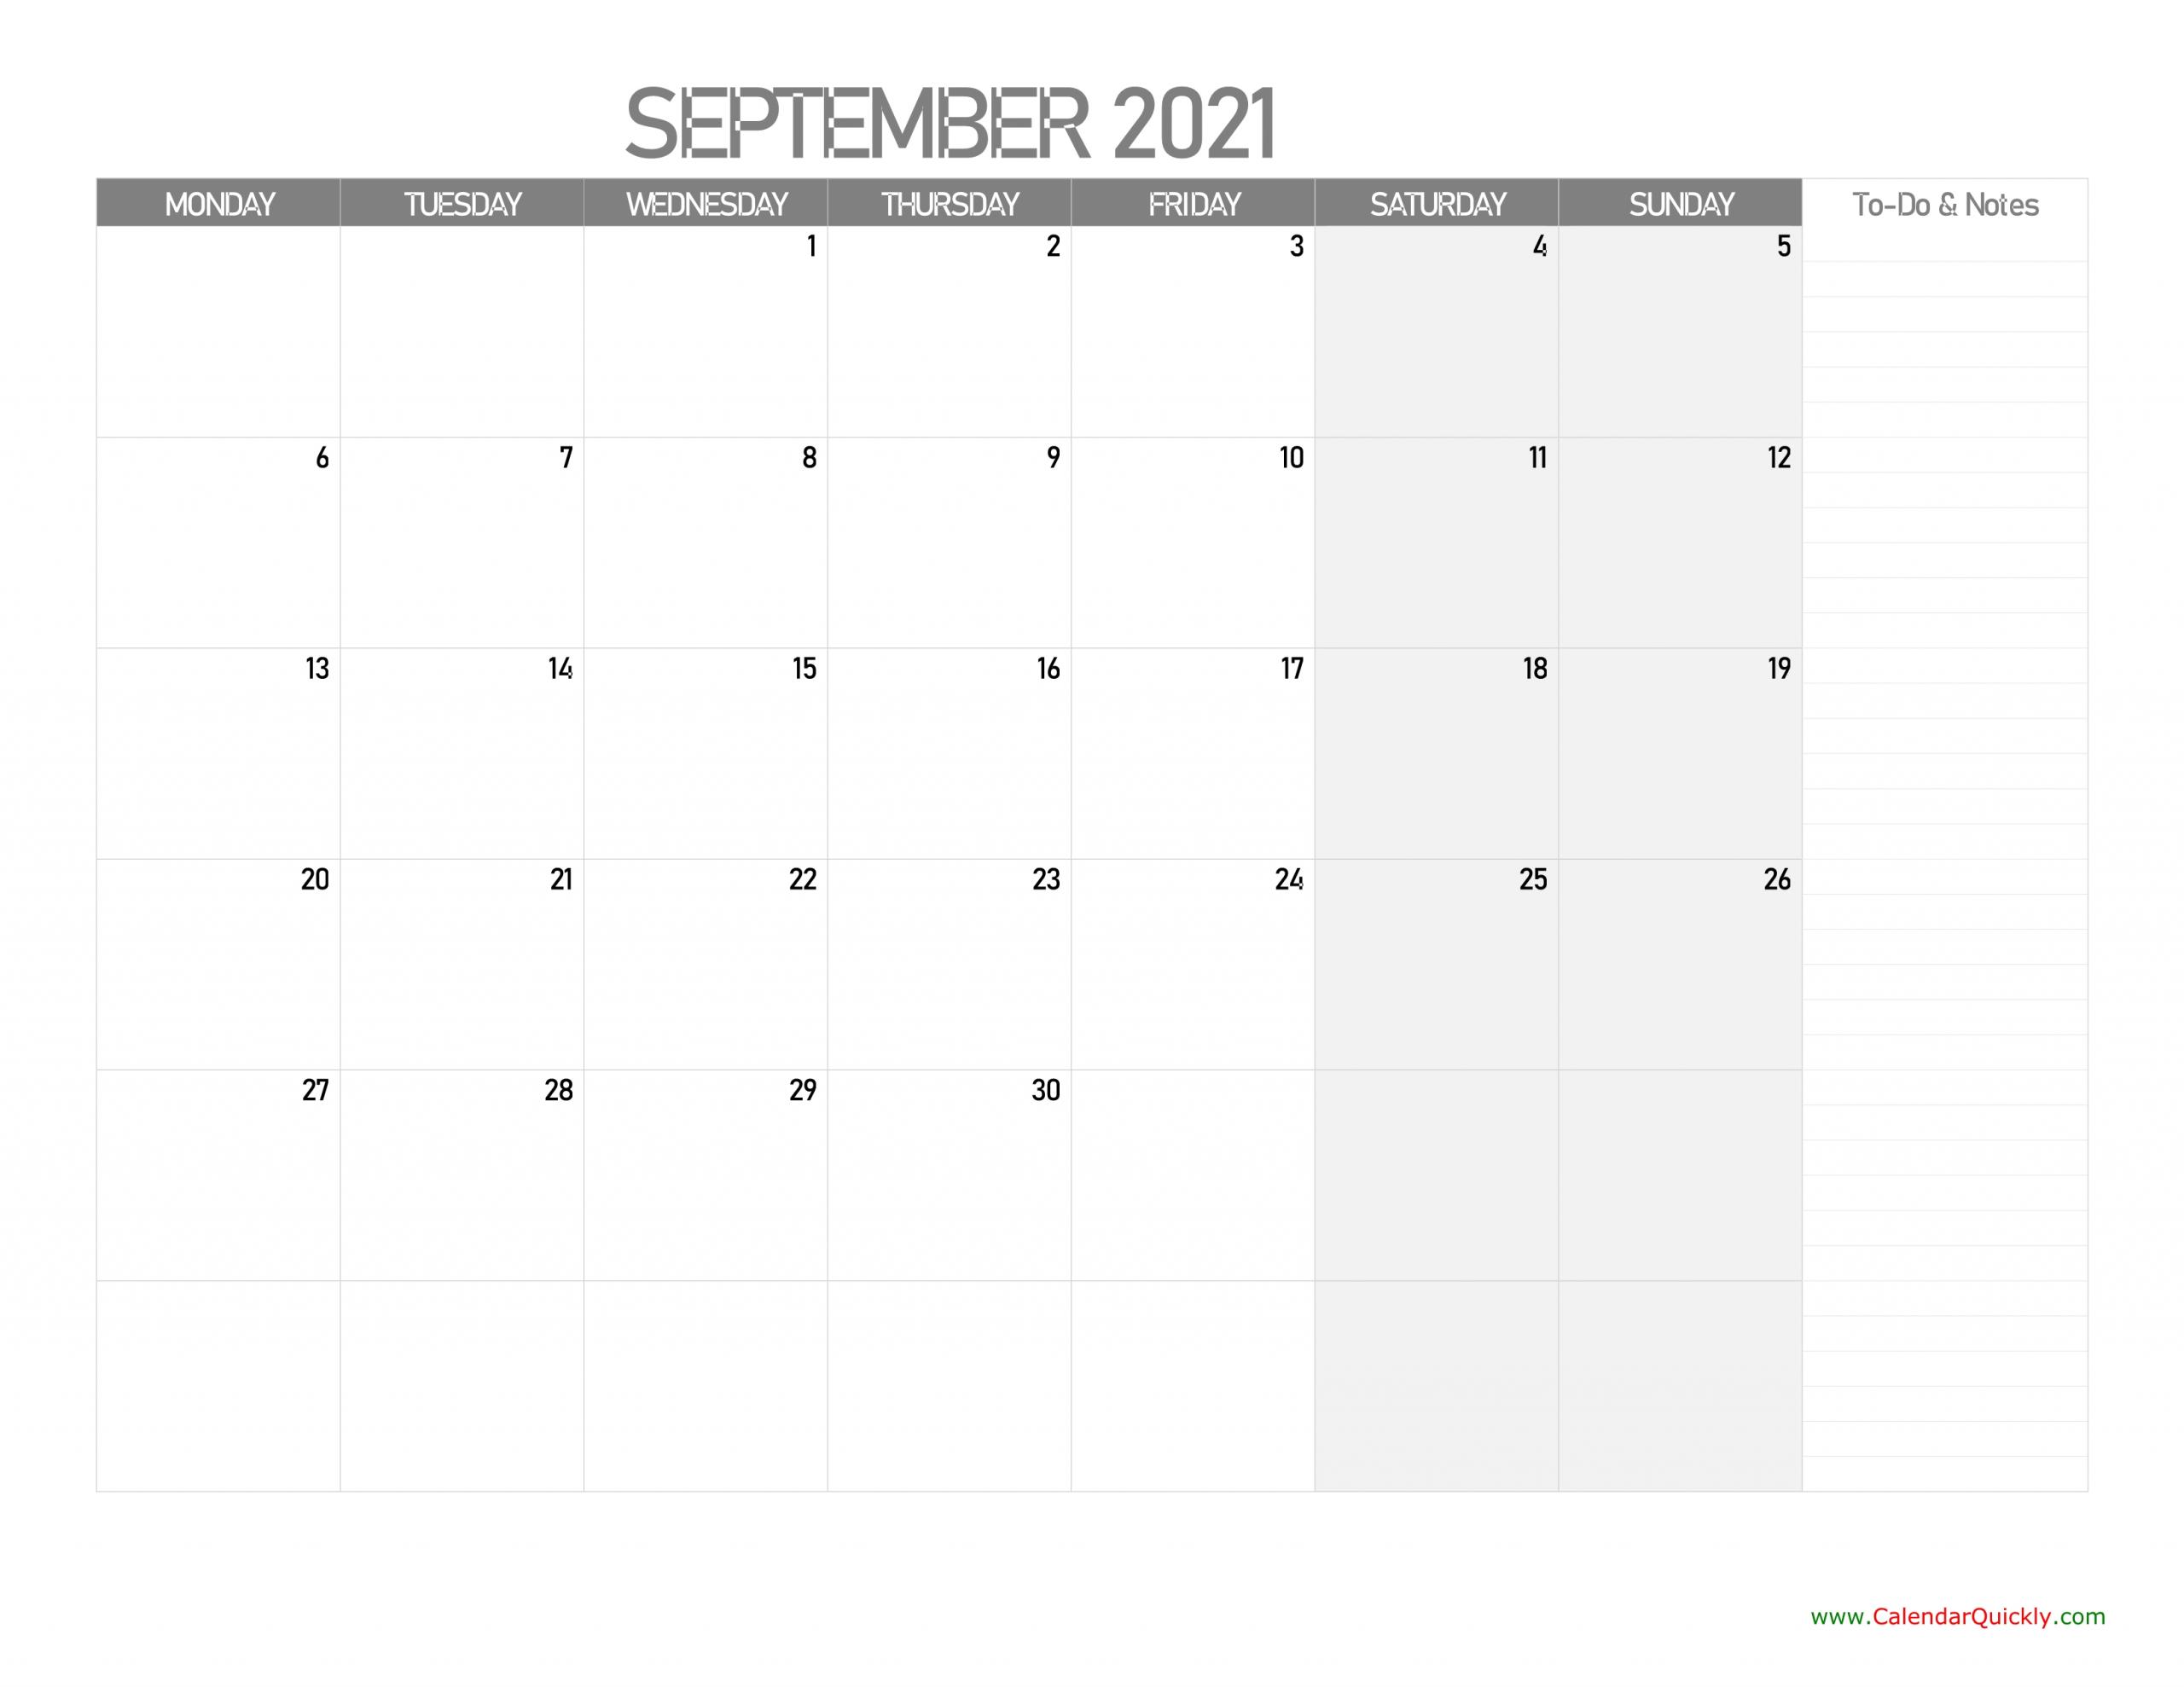 september monday calendar 2021 with notes calendar quickly::September 2021 Calendar With Note